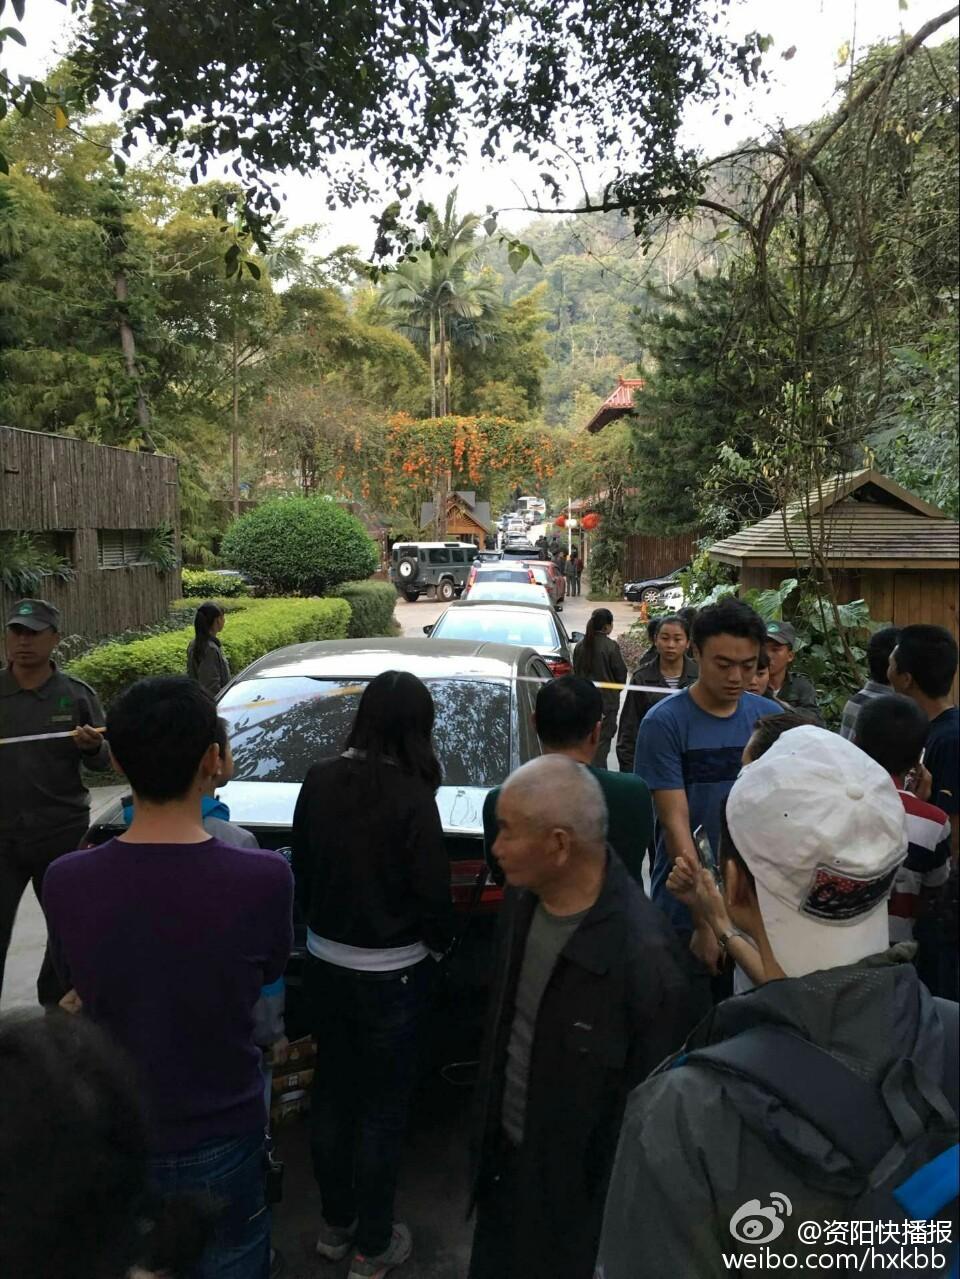 西双版纳野象又上公路玩 有四川游客车辆被困